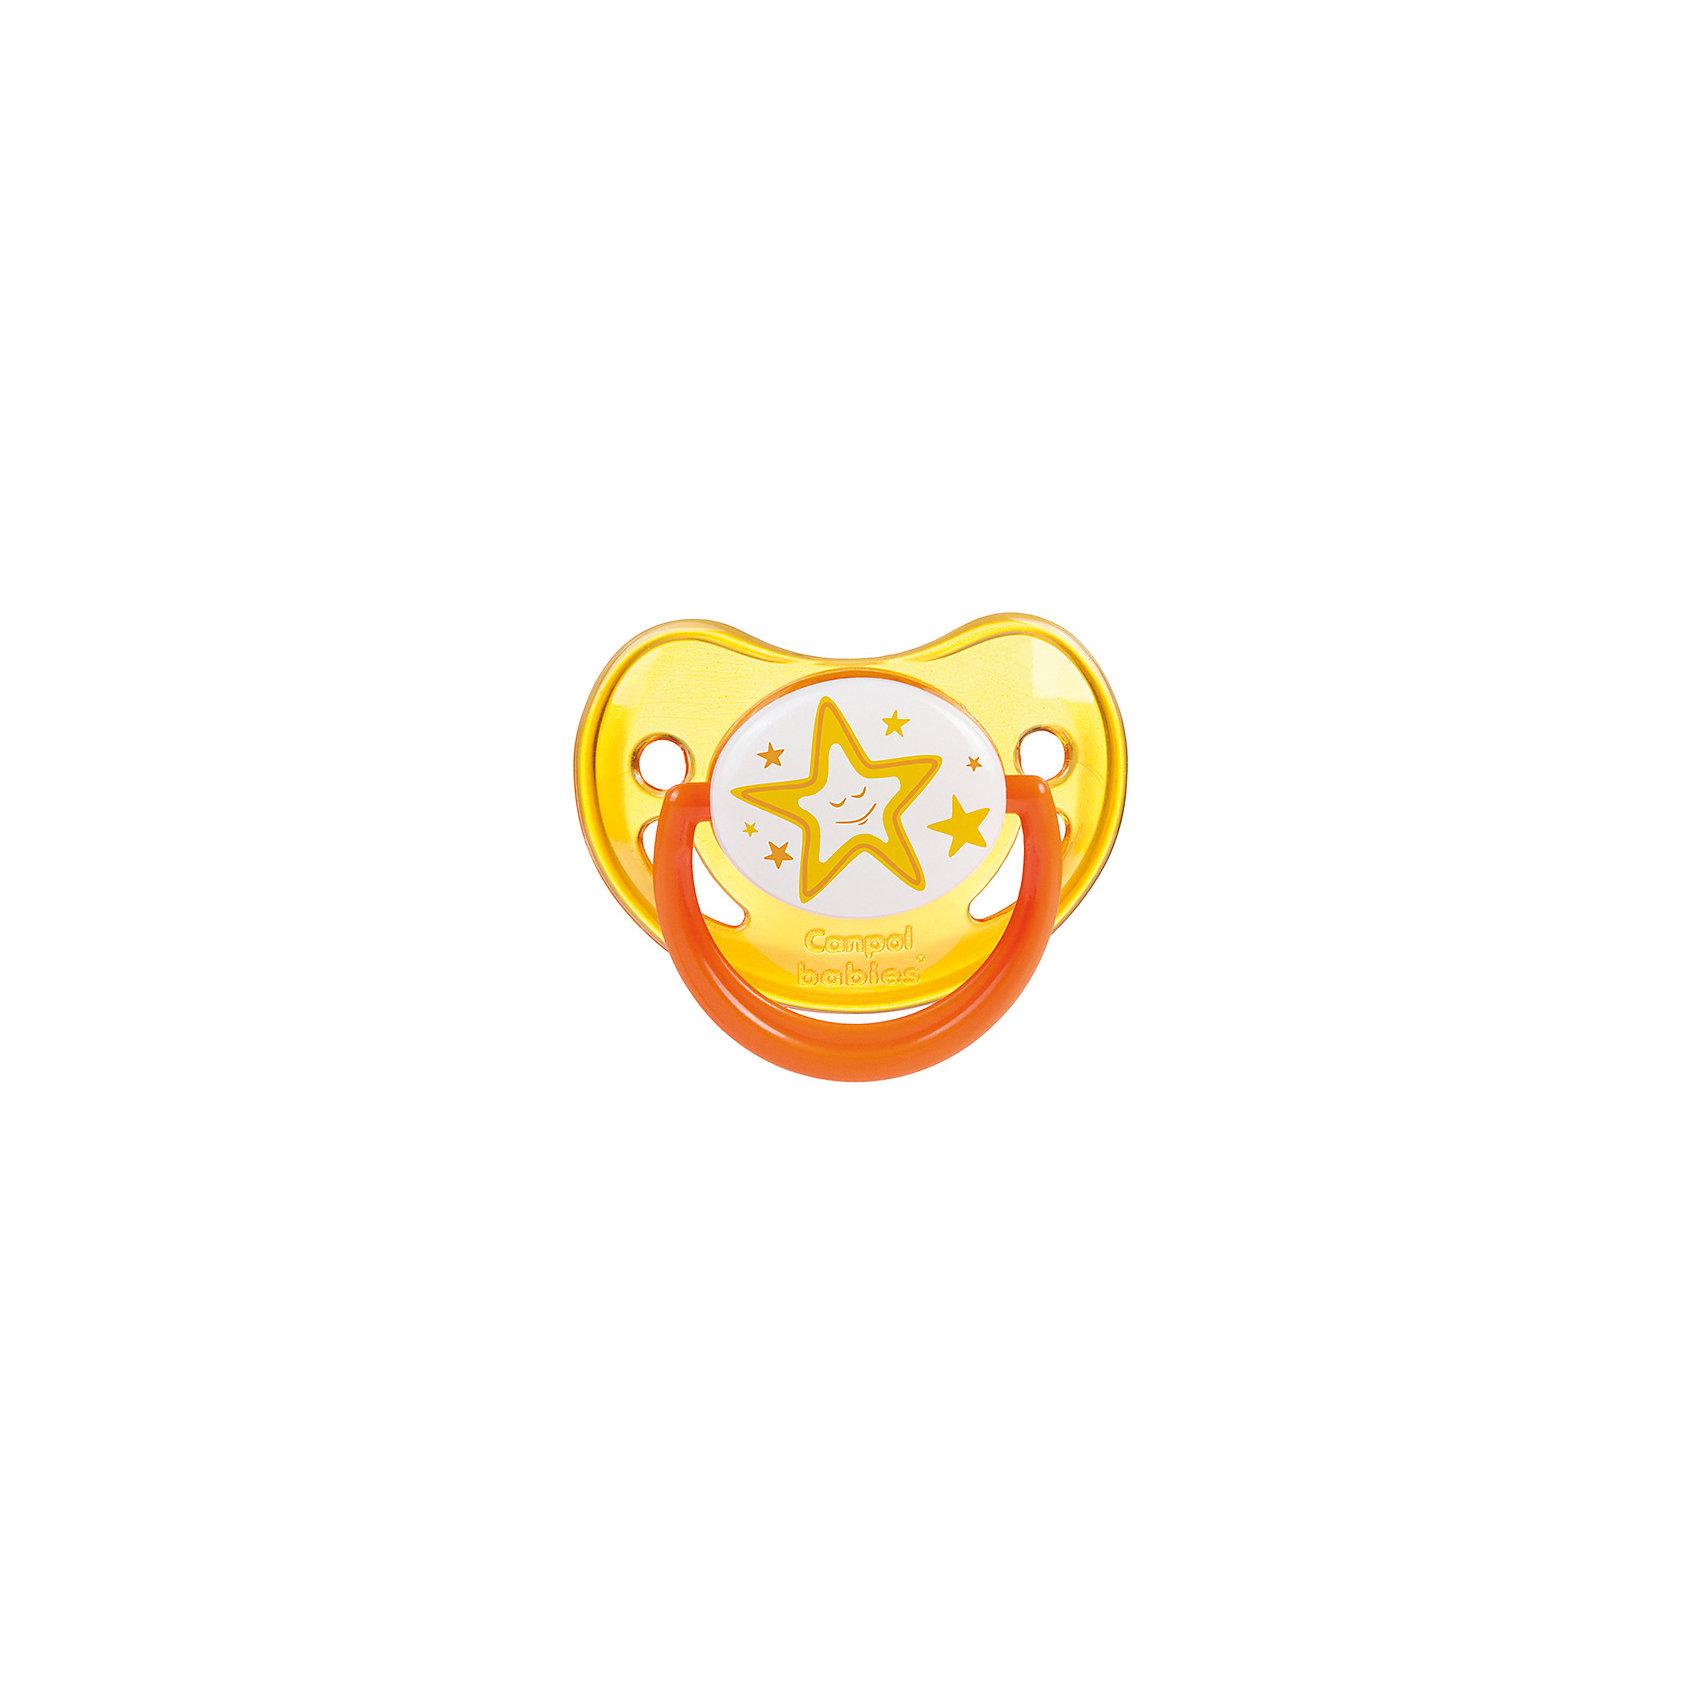 Пустышка анатомическая силиконовая, 6-18 Night Dreams, Canpol Babies, желтыйПустышки и аксессуары<br>Характеристики:<br><br>• Наименование: пустышка<br>• Пол: универсальный<br>• Материал: силикон, пластик<br>• Цвет: желтый, белый<br>• Форма: анатомическая<br>• Наличие отверстий для вентиляции<br>• Наличие кольца для держателя<br>• Особенности ухода: регулярная стерилизация и своевременная замена<br><br>Пустышка анатомическая силиконовая, 6-18 Night Dreams, Canpol Babies, желтый имеет специальную форму, которая обеспечивает правильное давление на небо. Изготовлена из запатентованного вида силикона, который не имеет запаха. При правильном уходе обеспечивает длительное использование. У соски имеется классический ограничитель с отверстиями для вентиляции и кольцо для держателя, которое светится в темноте. Пустышка анатомическая силиконовая, 6-18 Night Dreams, Canpol Babies, желтый выполнена в ярком дизайне с изображением звезд.<br><br>Пустышку анатомическую силиконовую, 6-18 Night Dreams, Canpol Babies, желтую можно купить в нашем интернет-магазине.<br><br>Ширина мм: 95<br>Глубина мм: 45<br>Высота мм: 155<br>Вес г: 110<br>Возраст от месяцев: 6<br>Возраст до месяцев: 18<br>Пол: Унисекс<br>Возраст: Детский<br>SKU: 5156622